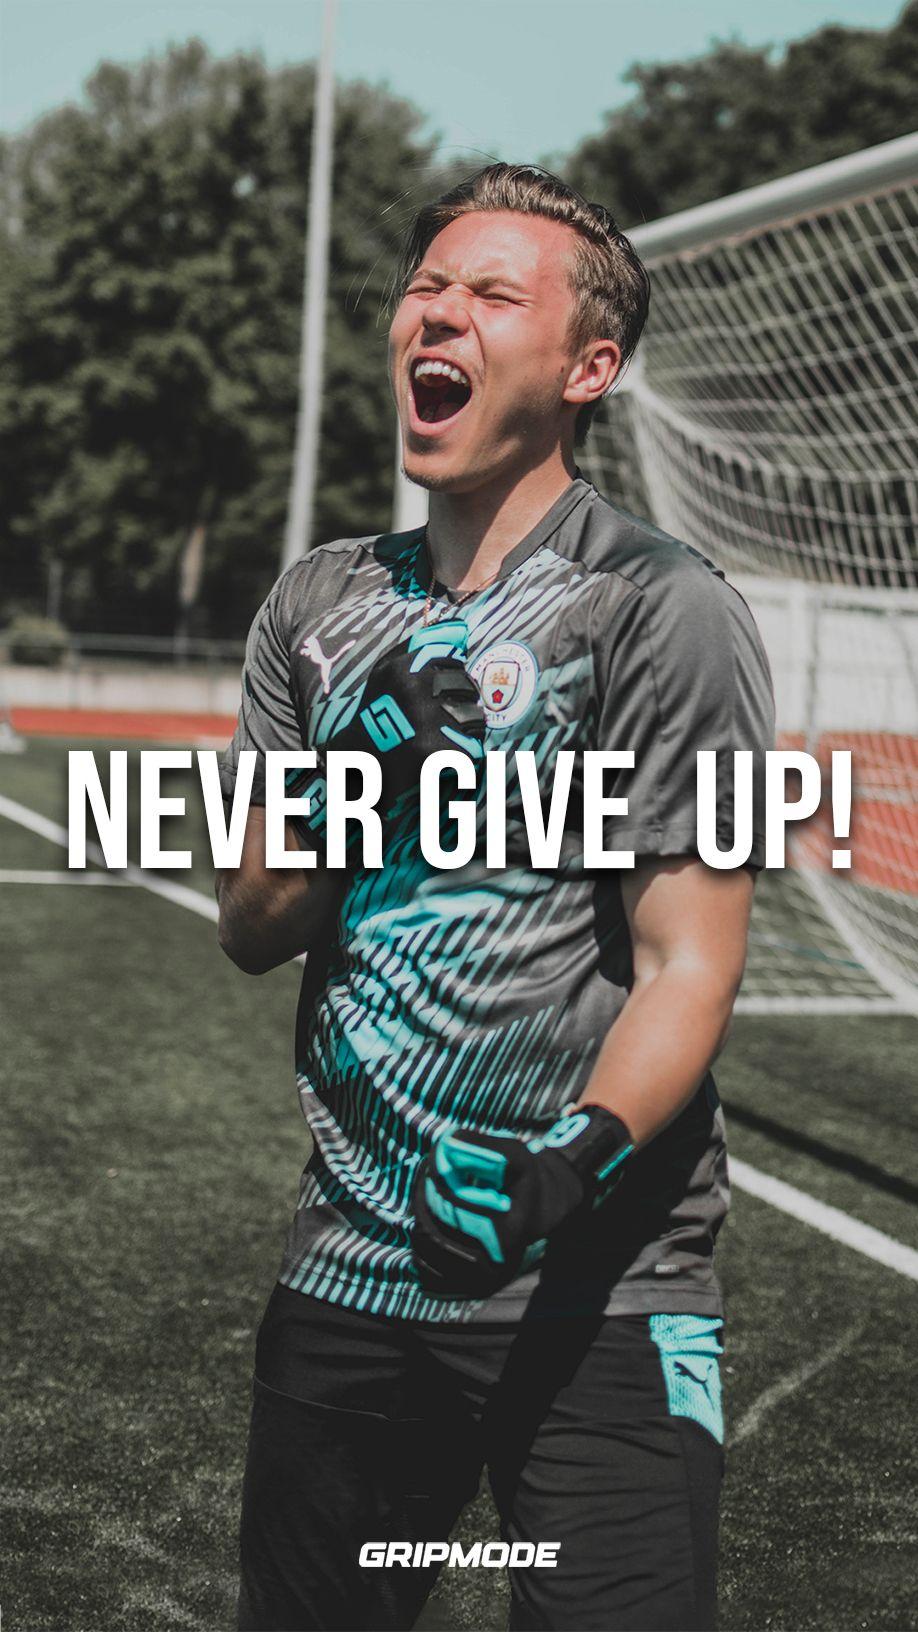 Gripmode goalkeeping in 2020 goalkeeper quotes